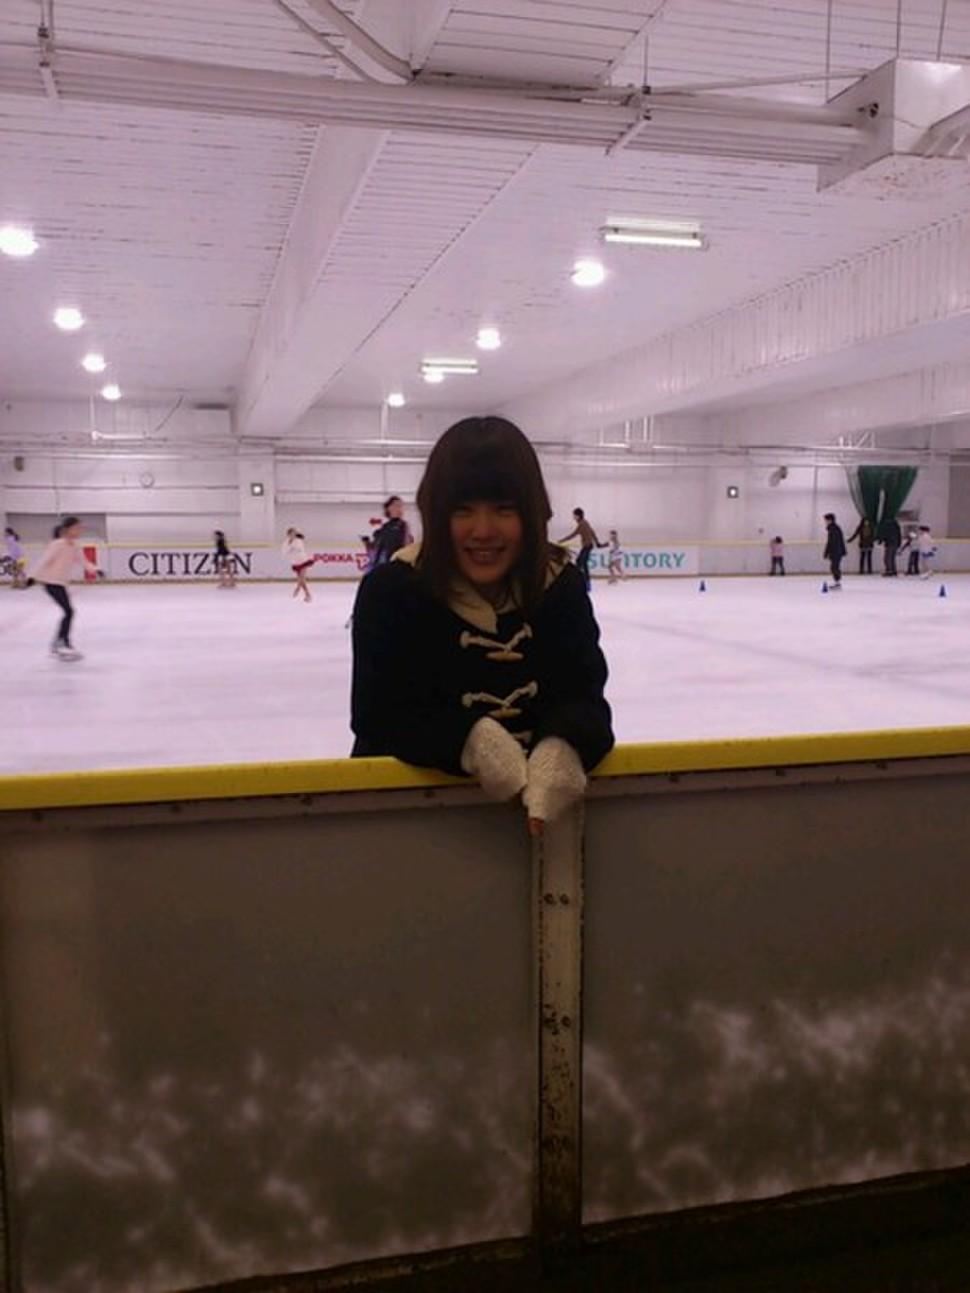 アイス スケート シチズン